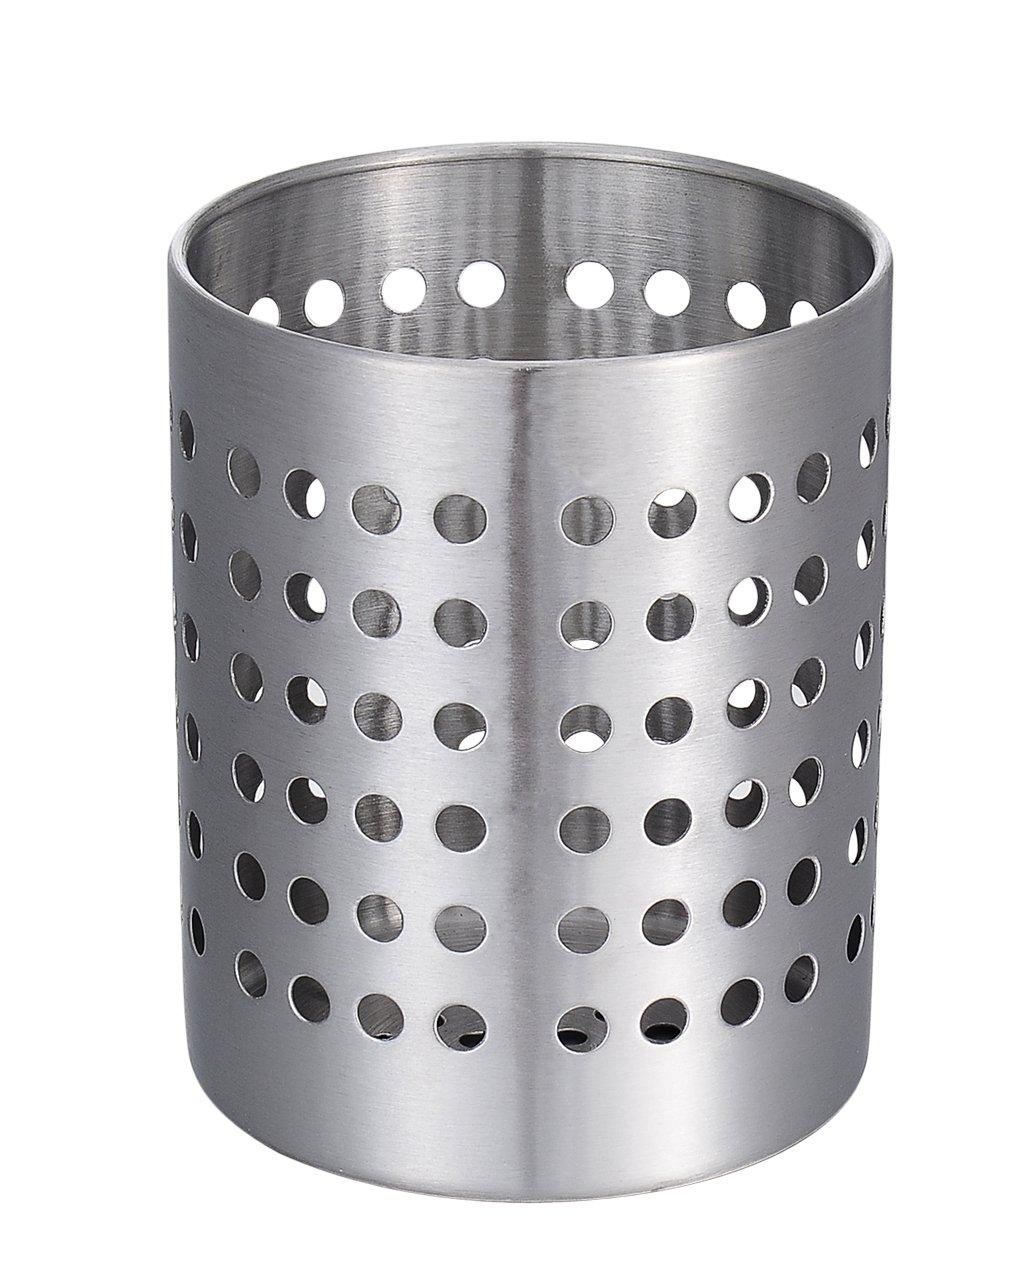 KSENDALO Utensil Silverware Holder, Stainless Flatware Organizer, Drying Holder for Kitchen Home Office, Diameter 4.72''